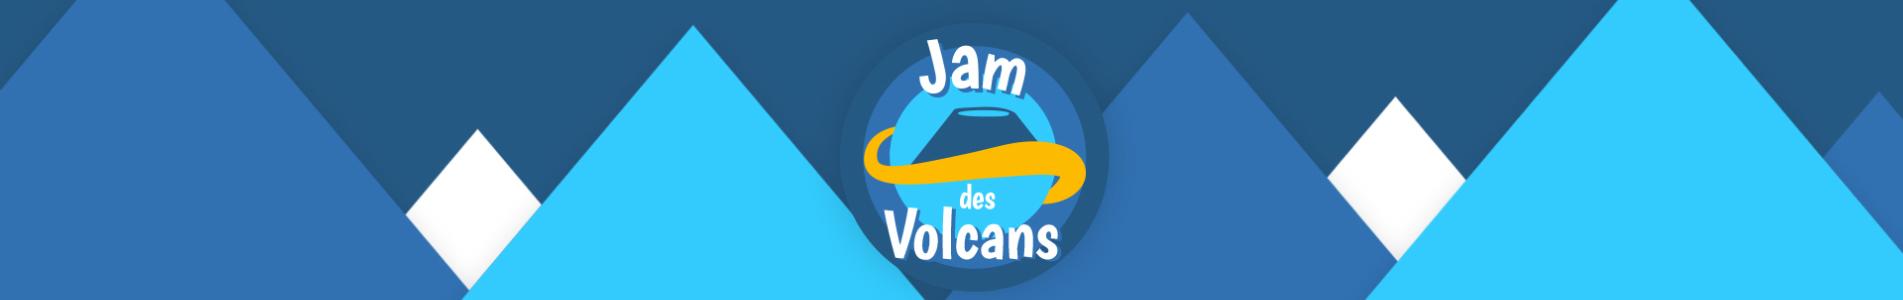 Jam des Volcans 2019